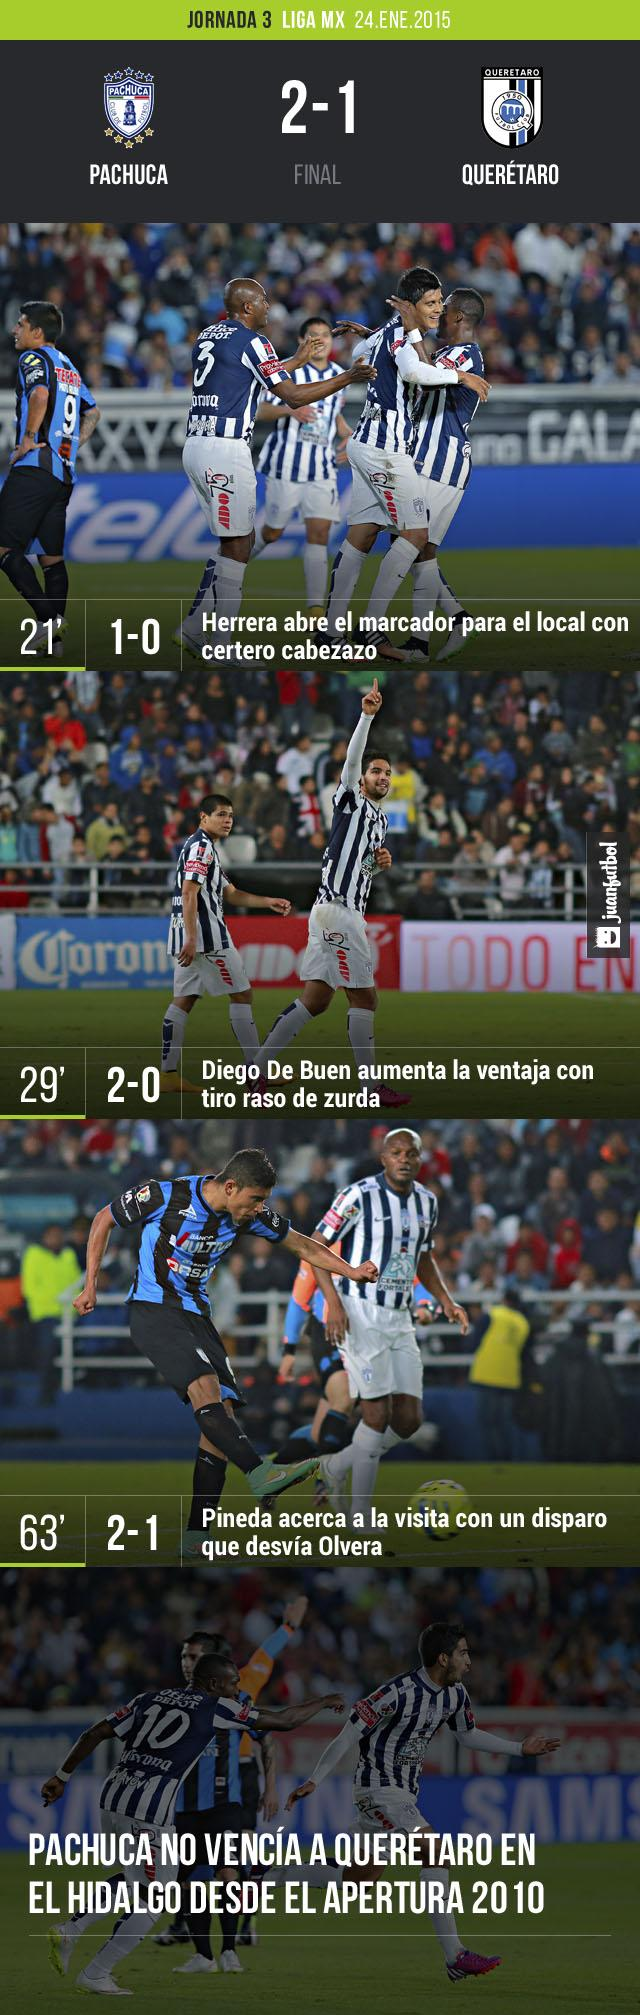 Pachuca se impuso 2-1 al Querétaro en la Bella Airosa y por fin se llevó sus primeras tres unidades